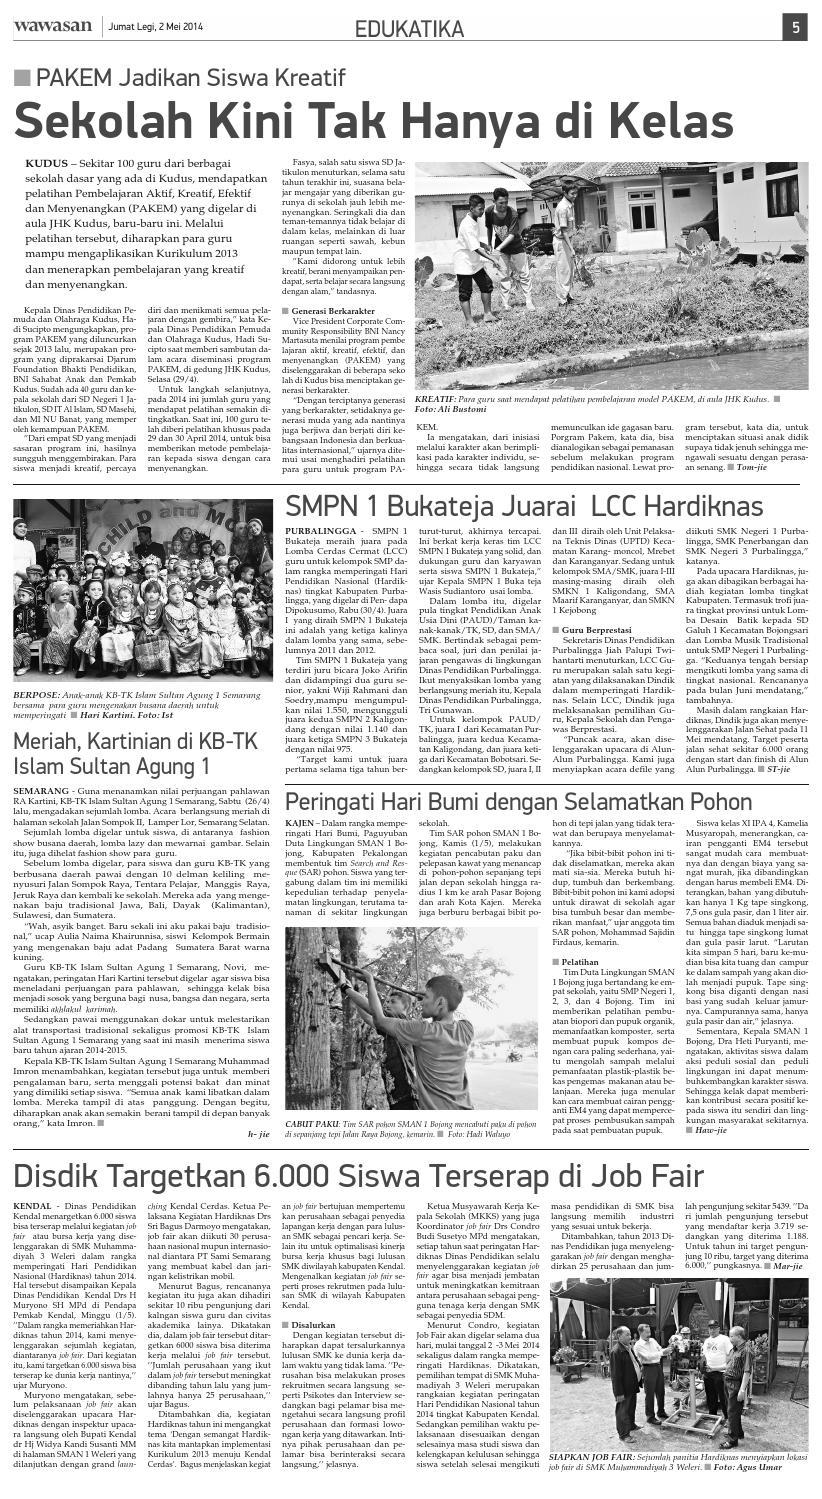 WAWASAN 02 Mei 2014 by KORAN PAGI WAWASAN - issuu 162fc2f7b8